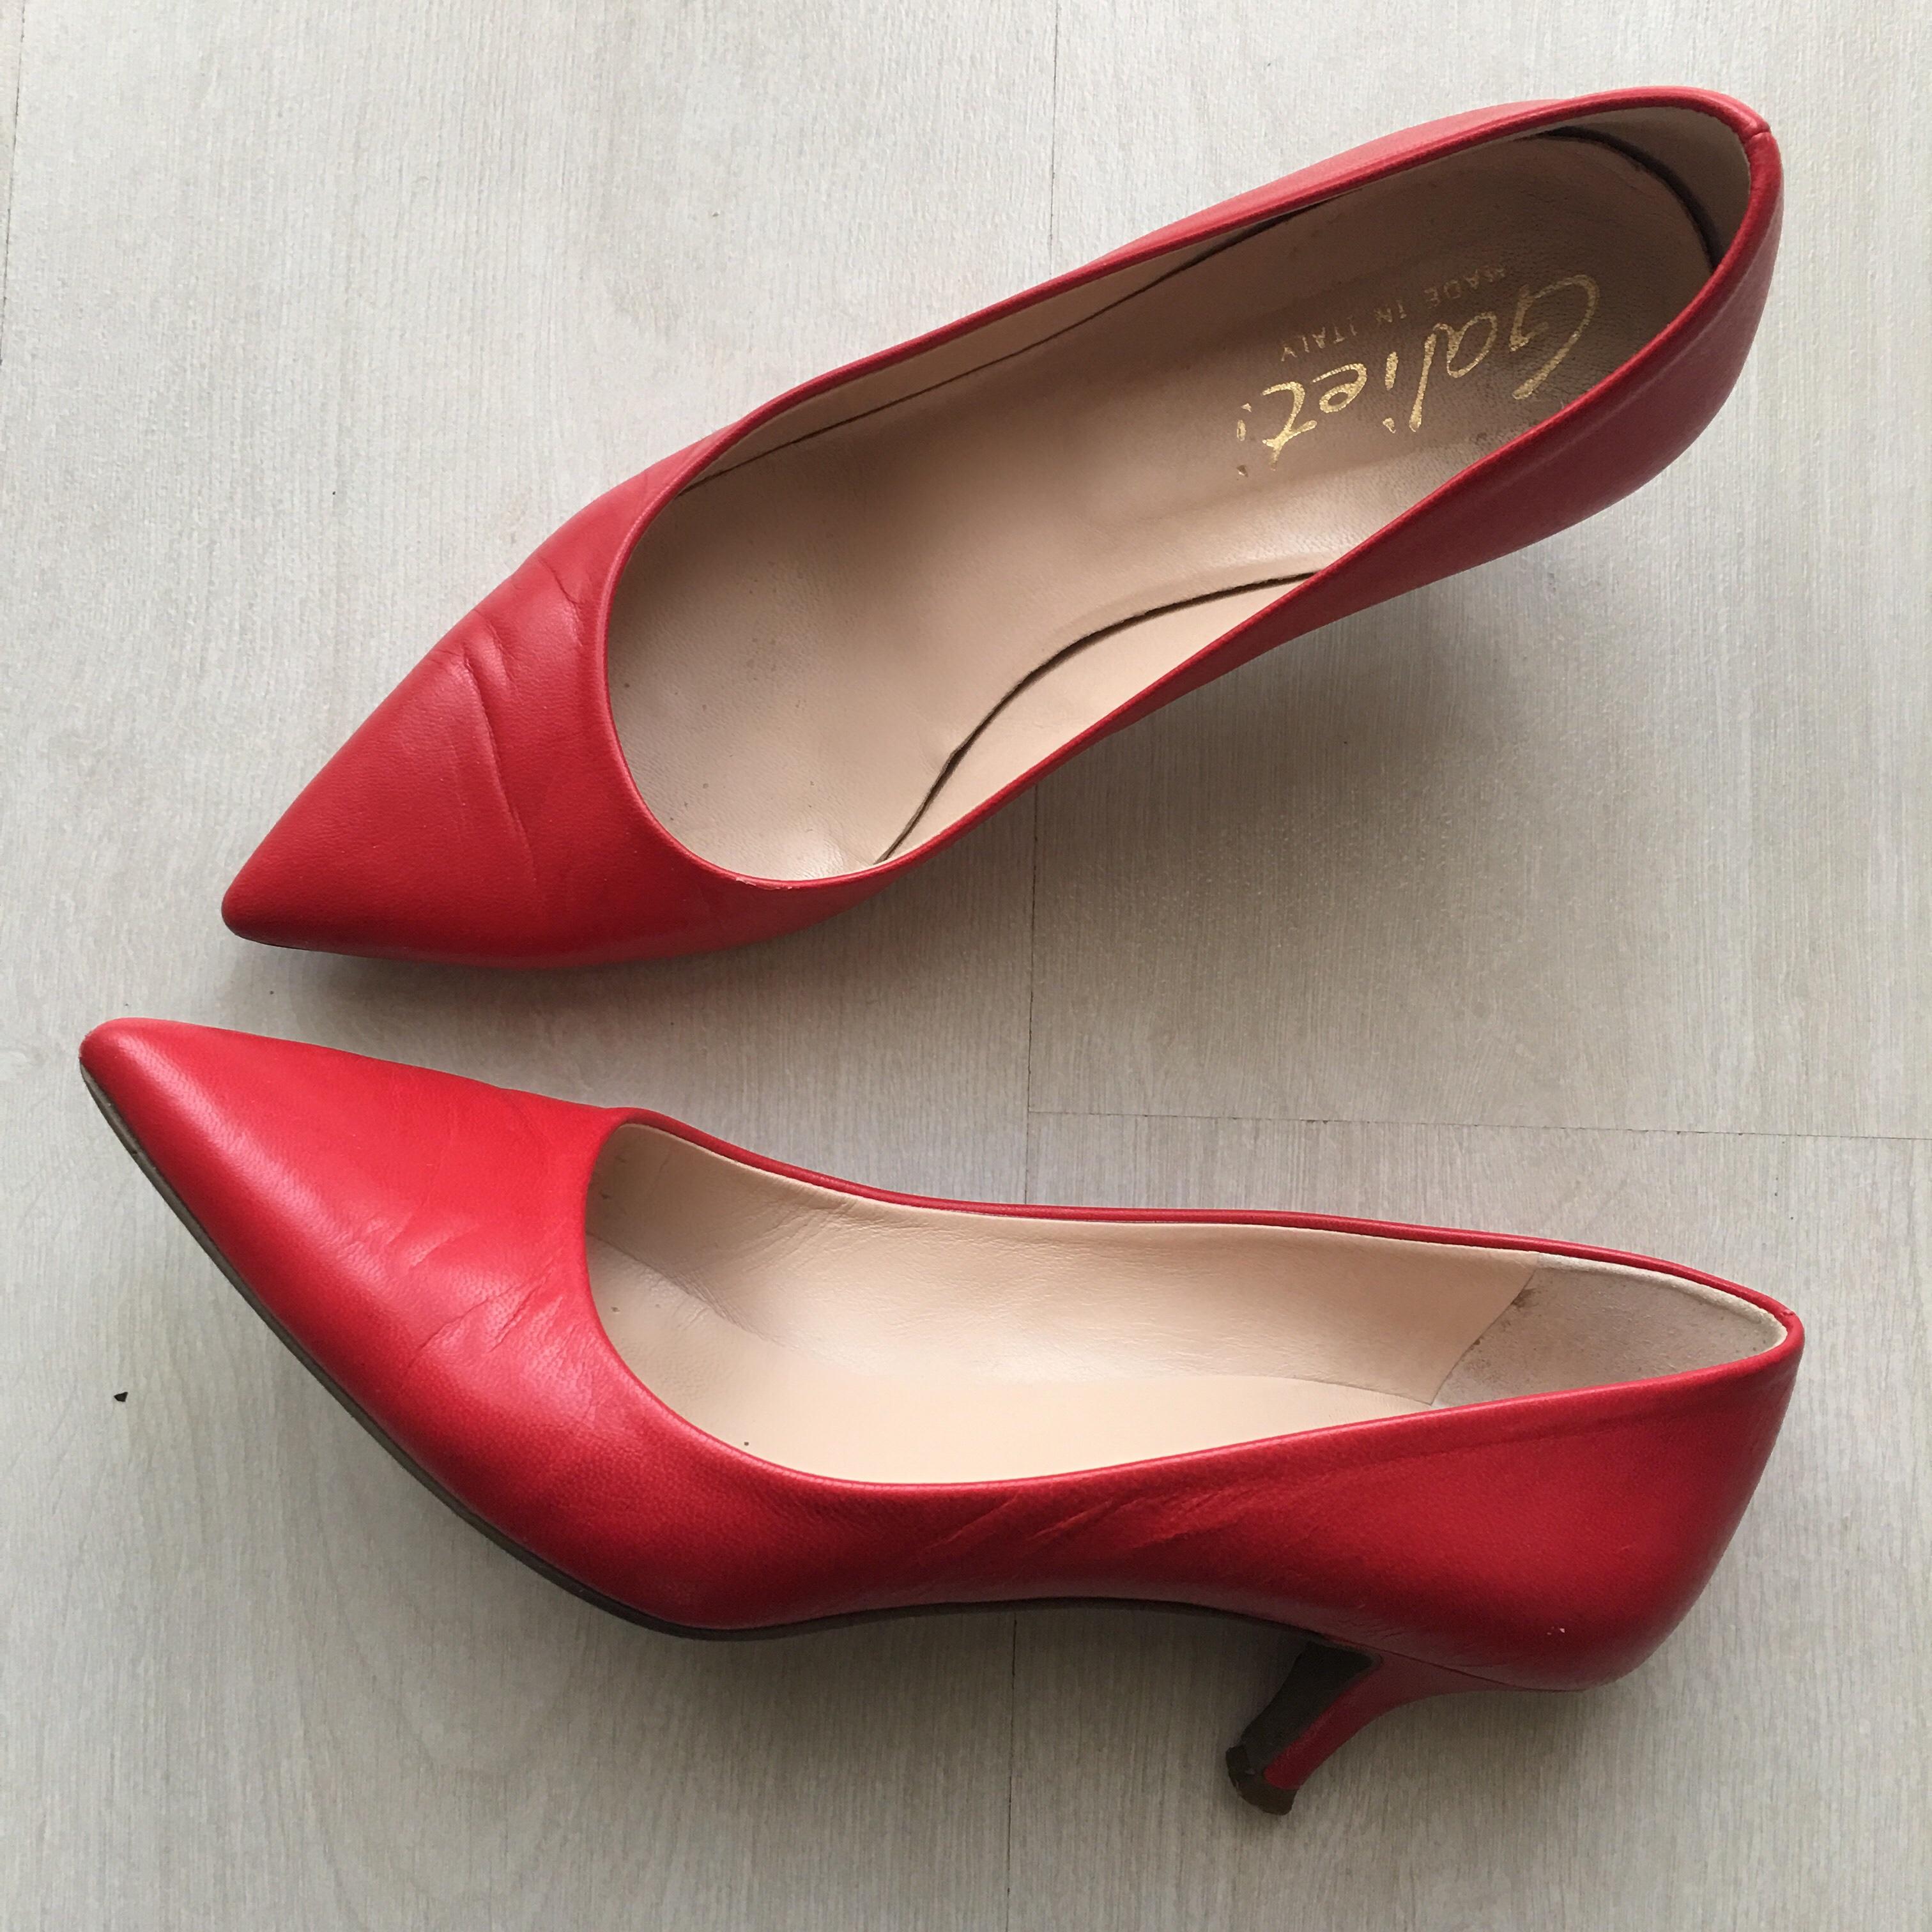 scarpe rosse con cosa abbinarle the fashion cherry diary scarpe rosse con cosa abbinarle the